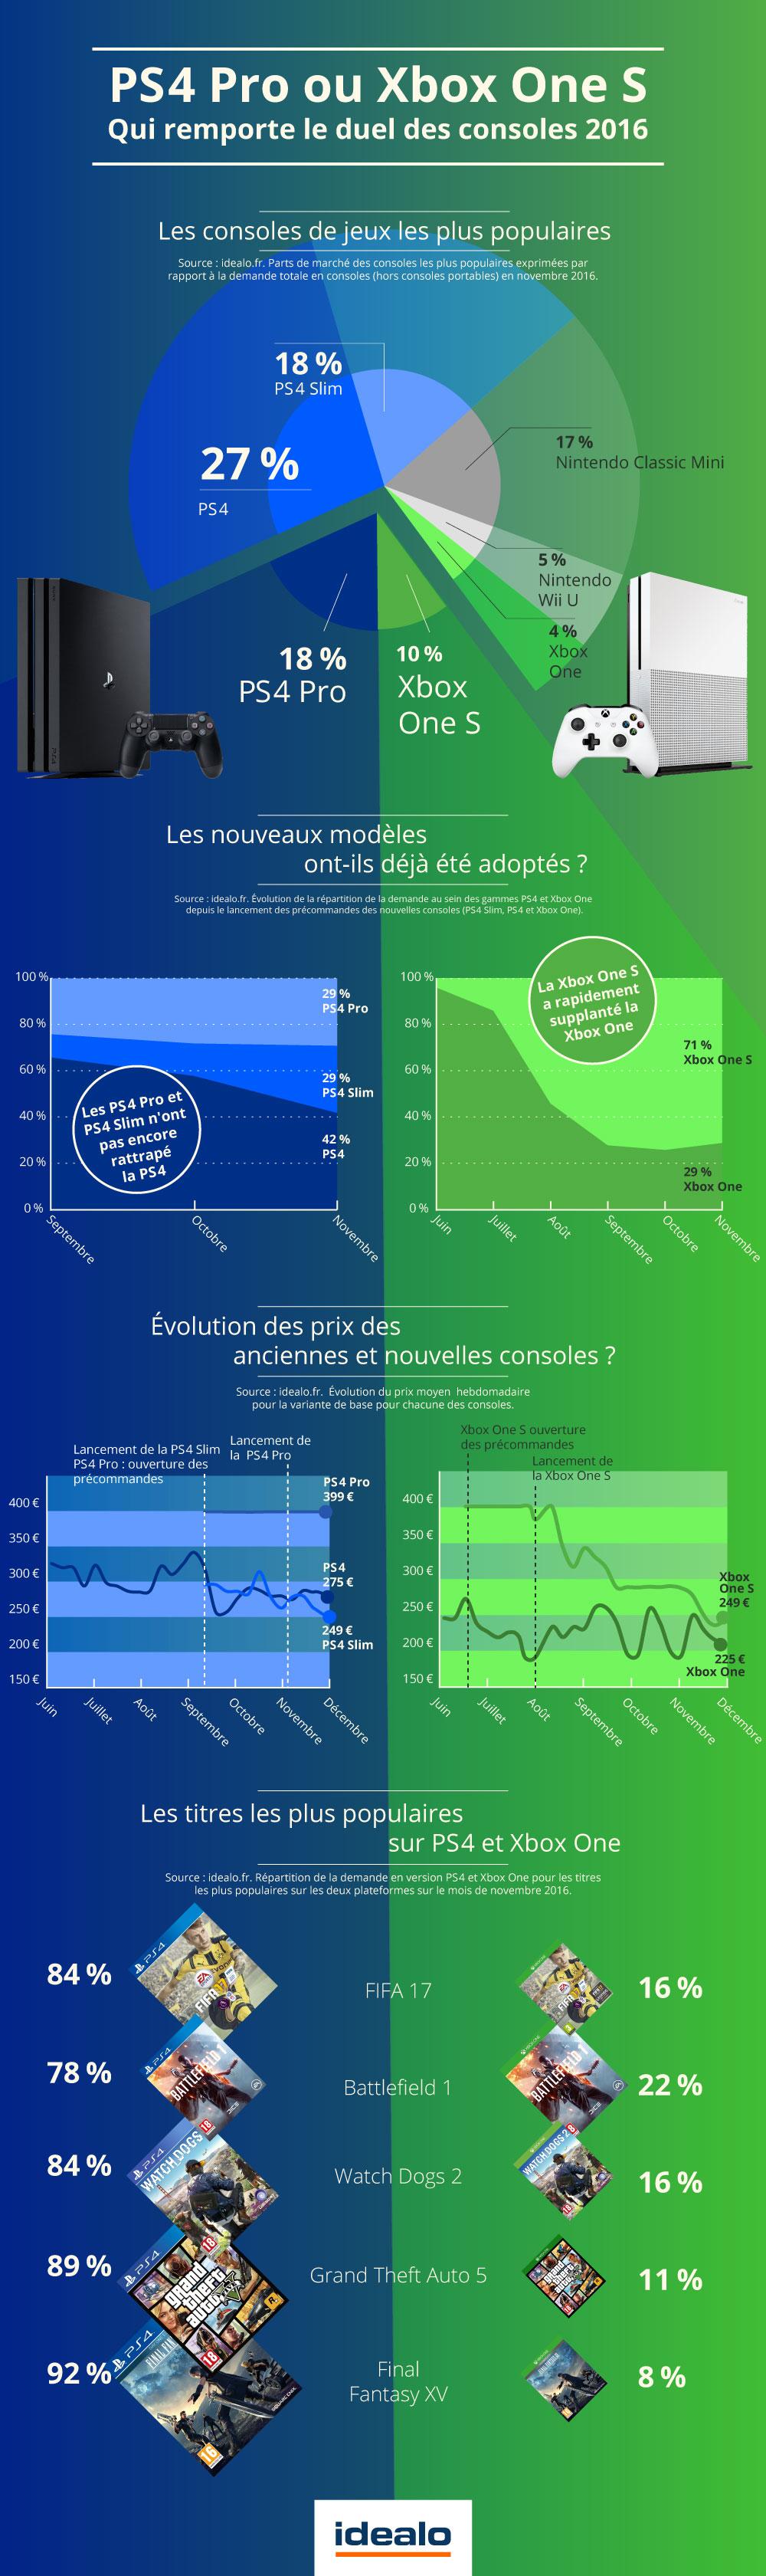 infographie xbox on s vs playstation 4 pro : le duel de la fin d'année 2016